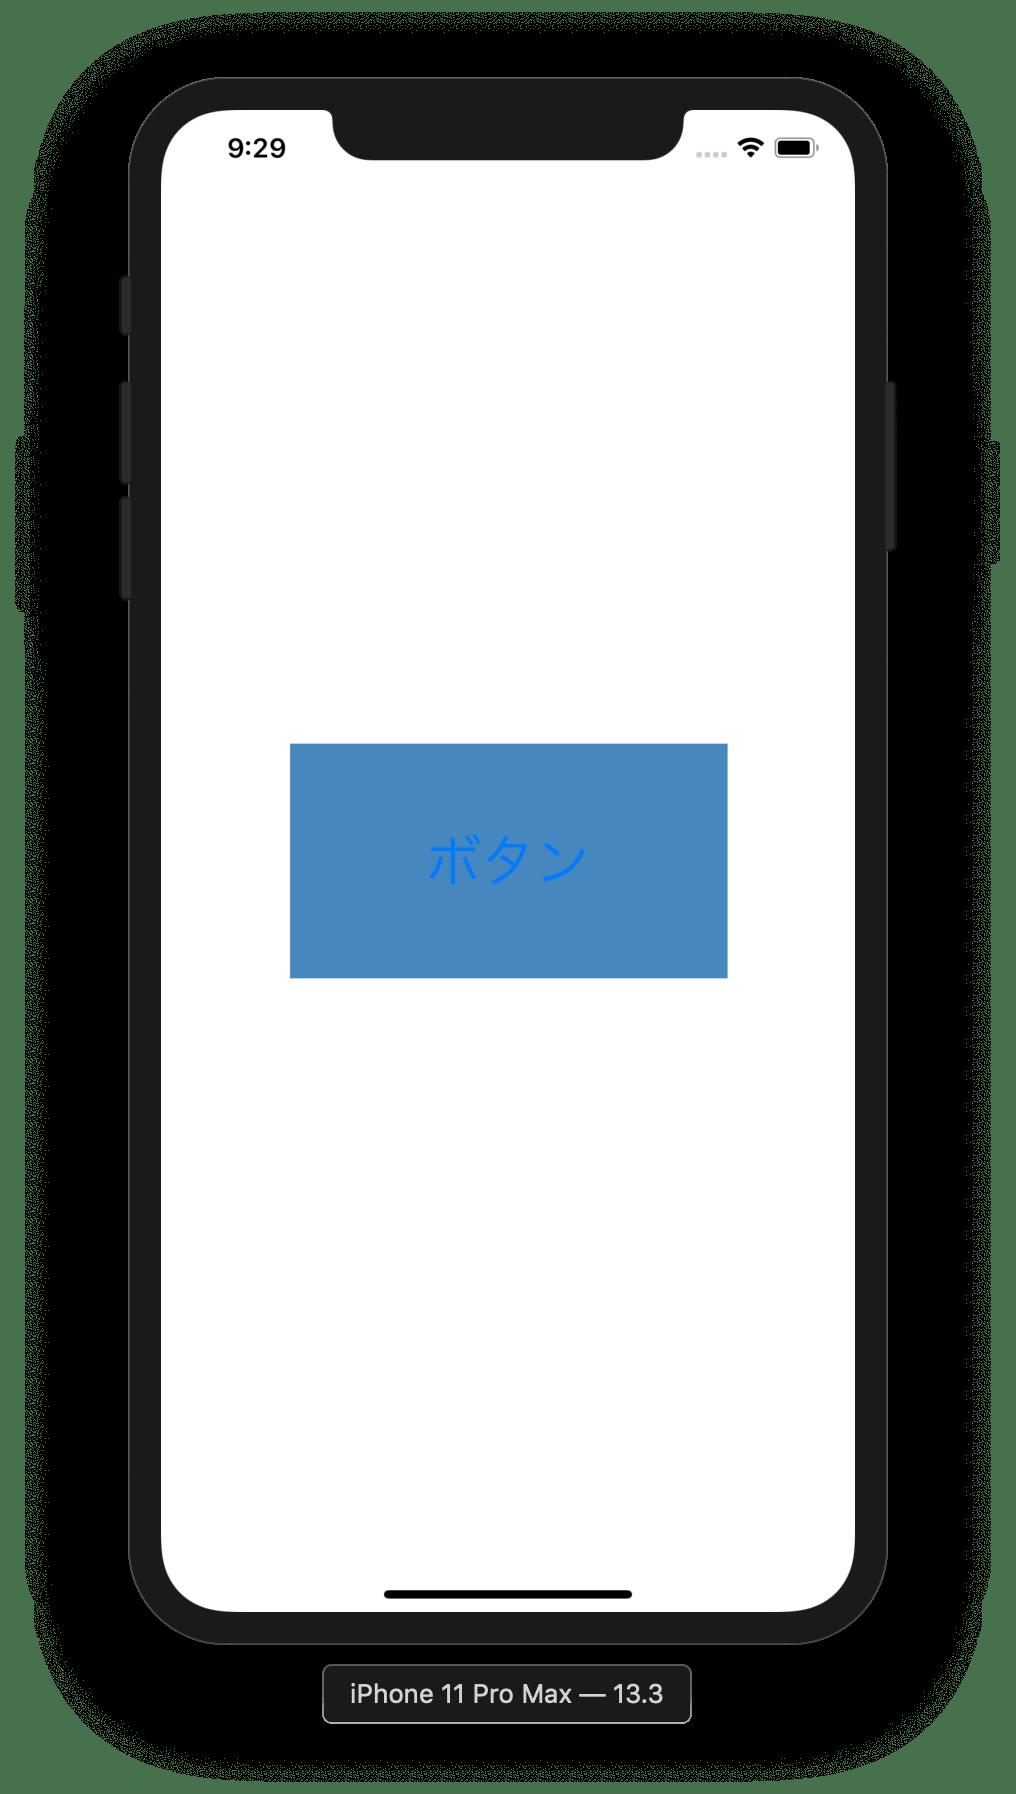 ブログのヘッダーのカラーをボタンの背景にした画像